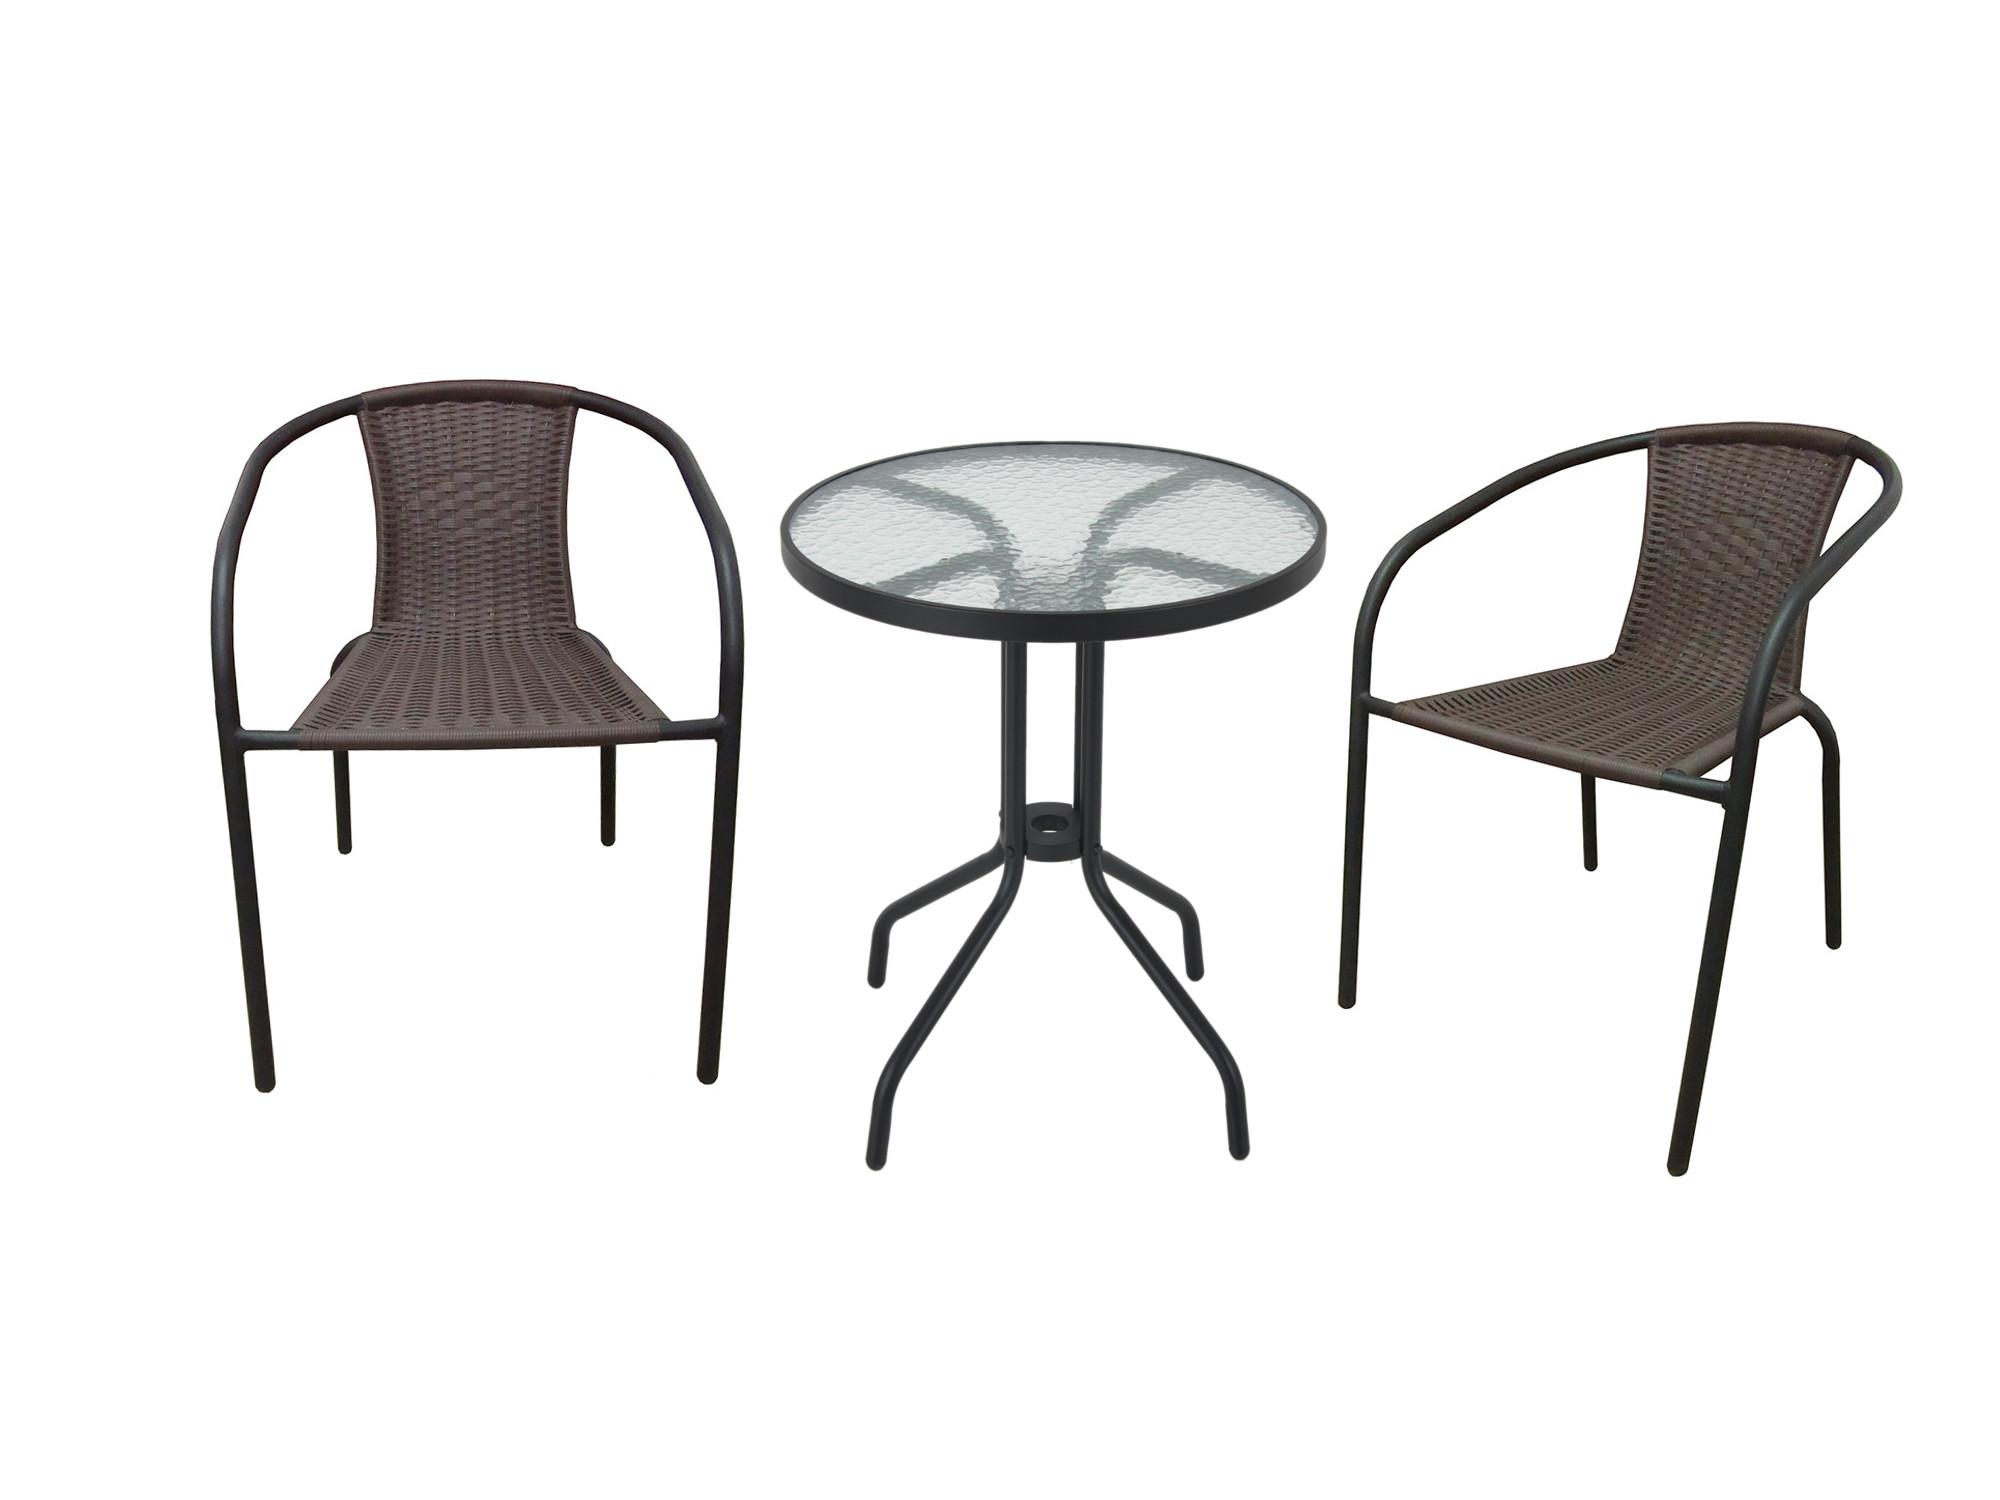 A456 Meble Ogrodowe Balkonowe Krzesła Stolik 21